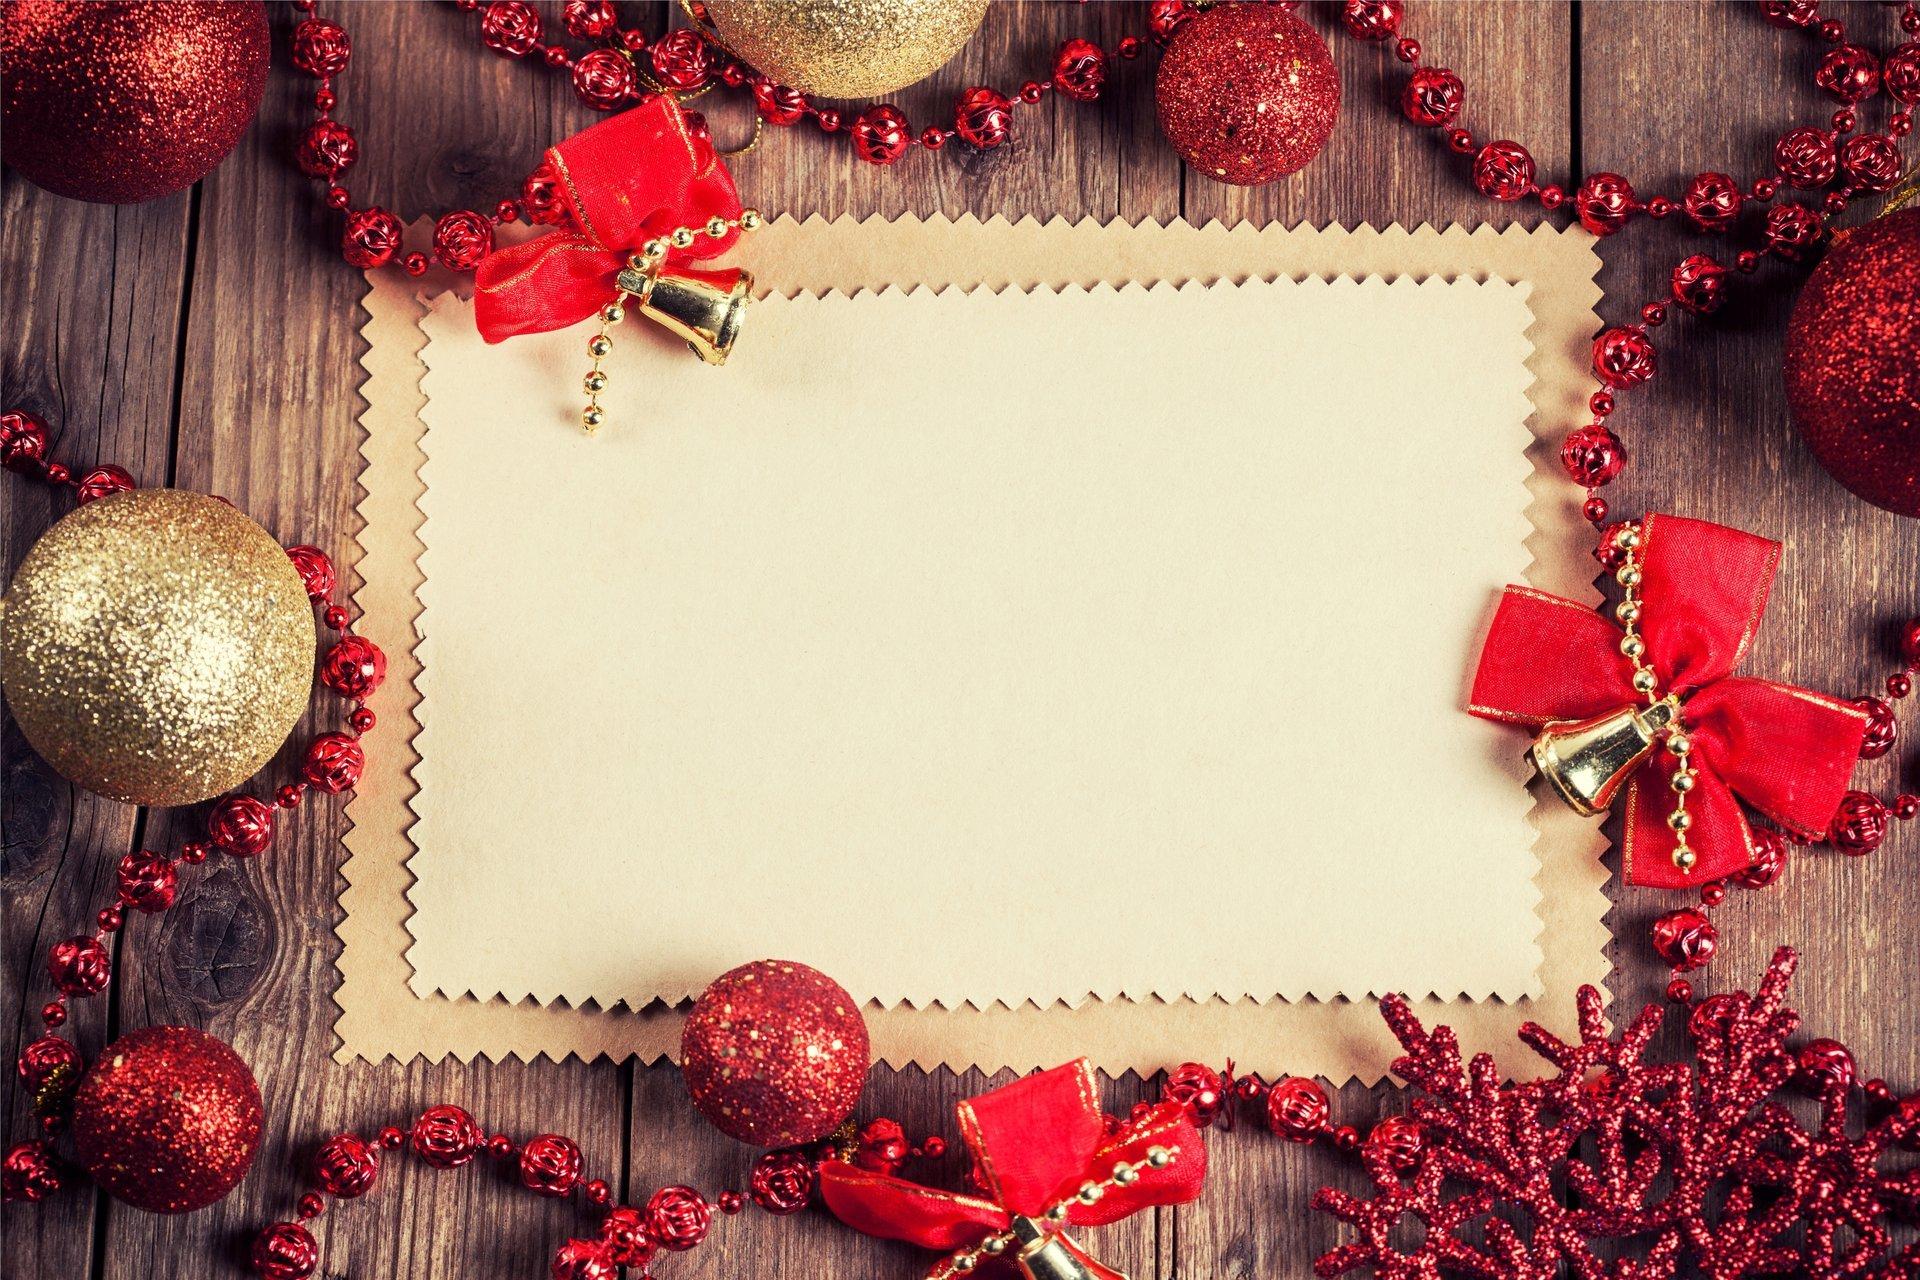 Шаблон для открытки с новым годом, семья смешные